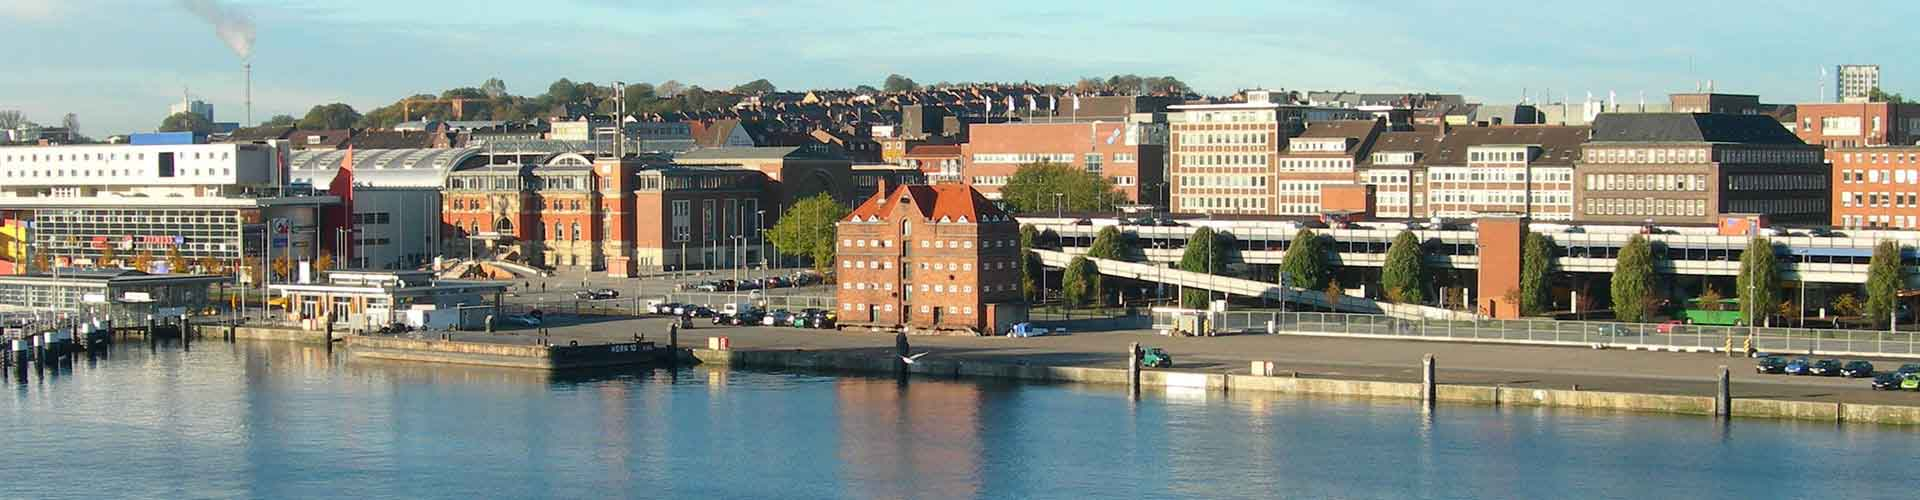 Kiel - Hostales en Kiel. Mapas de Kiel, Fotos y Comentarios para cada hostal en Kiel.